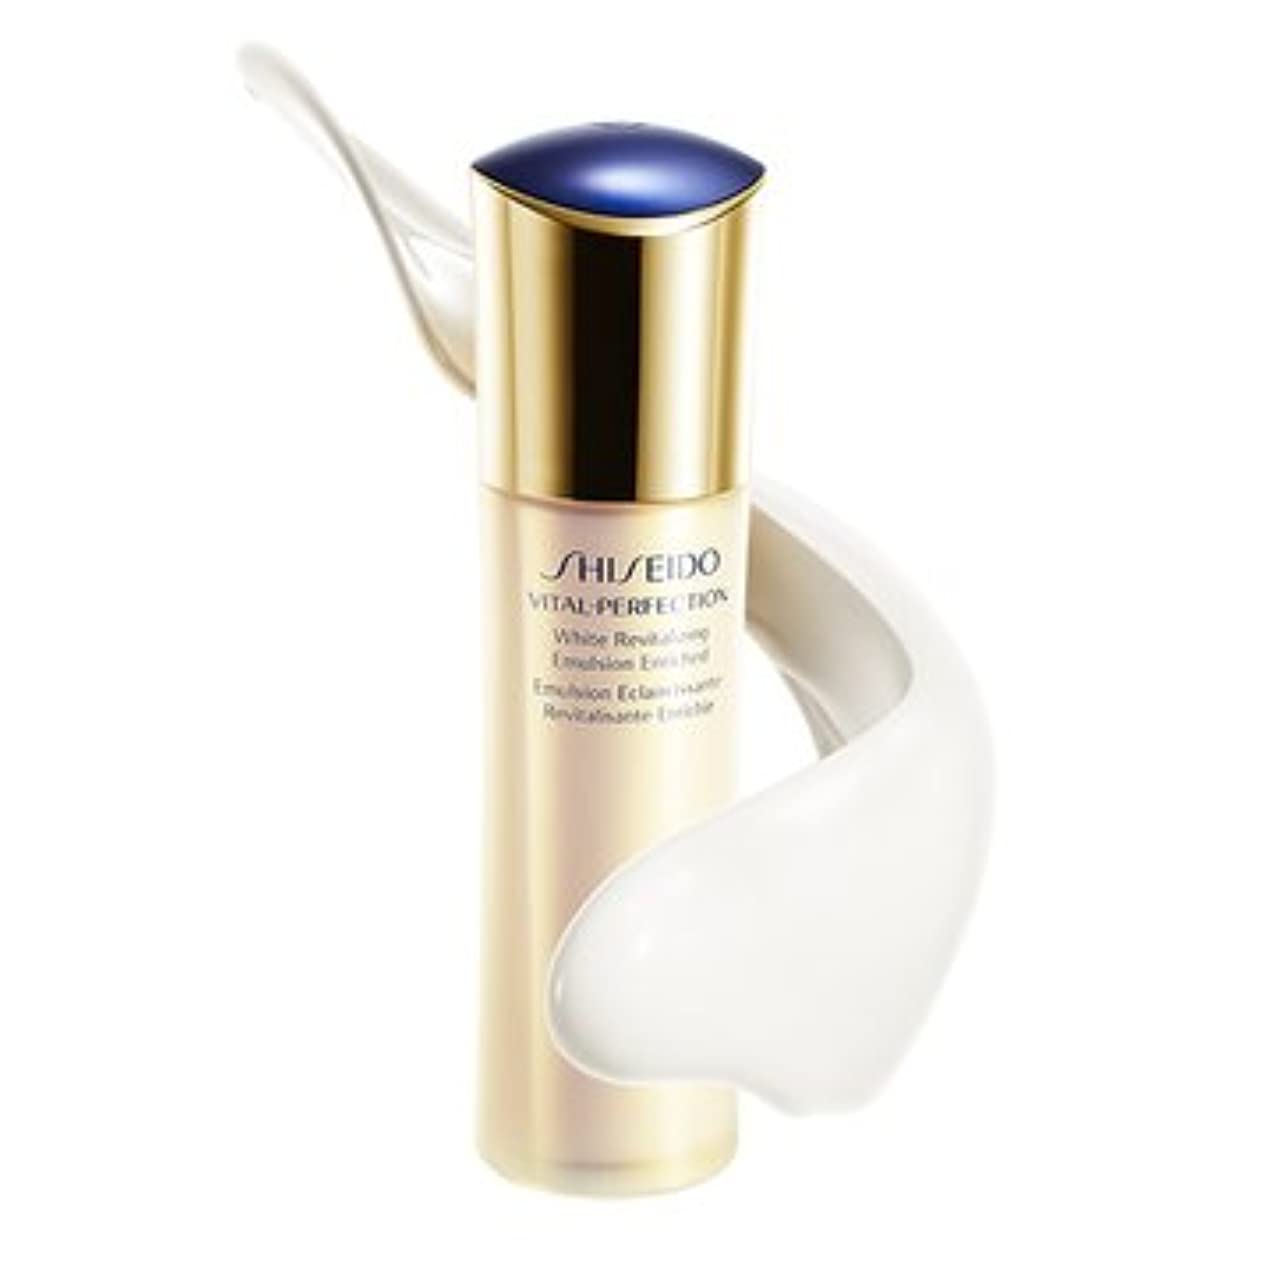 誘導気分バウンス資生堂/shiseido バイタルパーフェクション/VITAL-PERFECTION ホワイトRV エマルジョン(医薬部外品)美白乳液